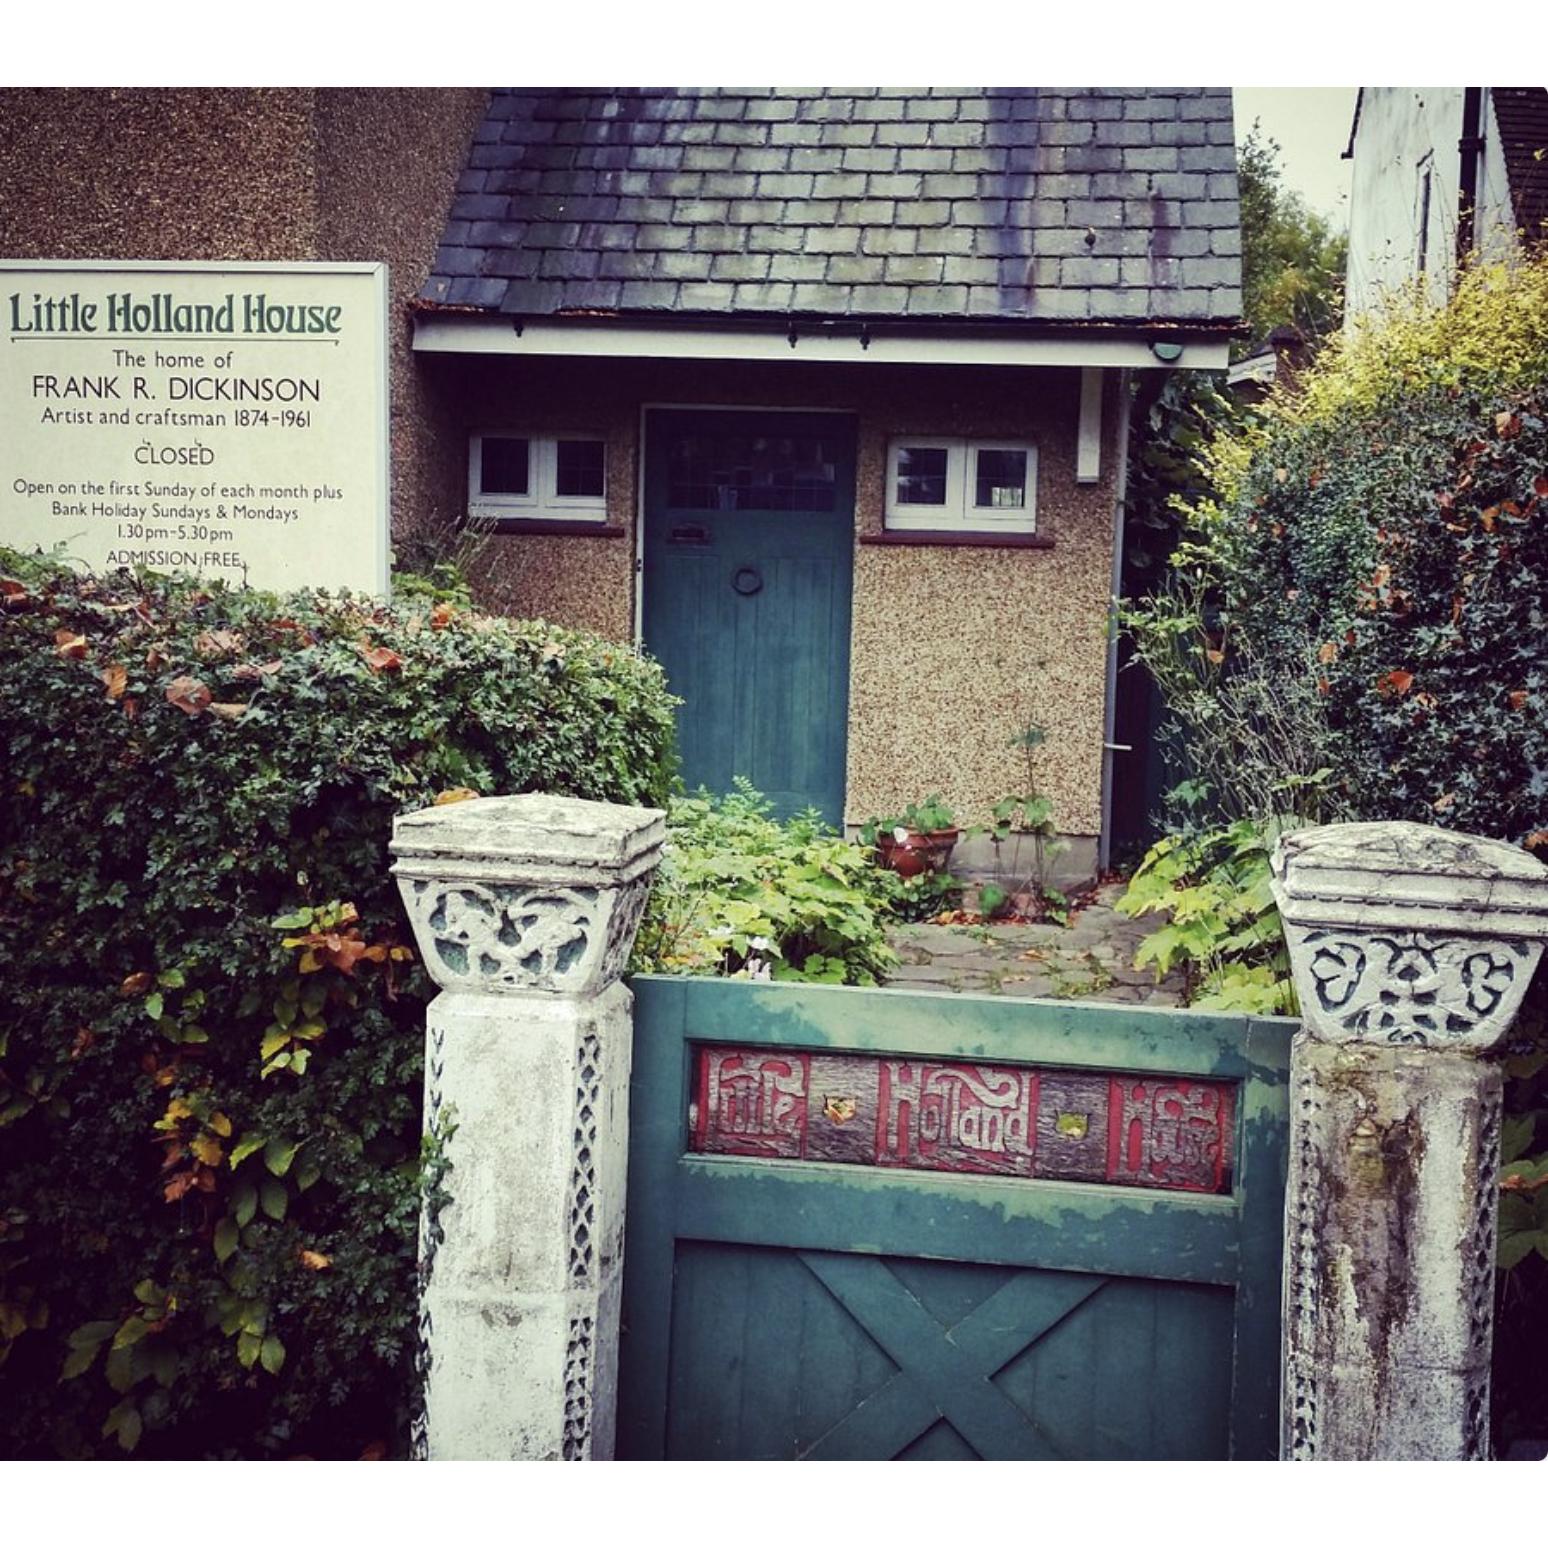 Little Holland House Carshalton Beeches